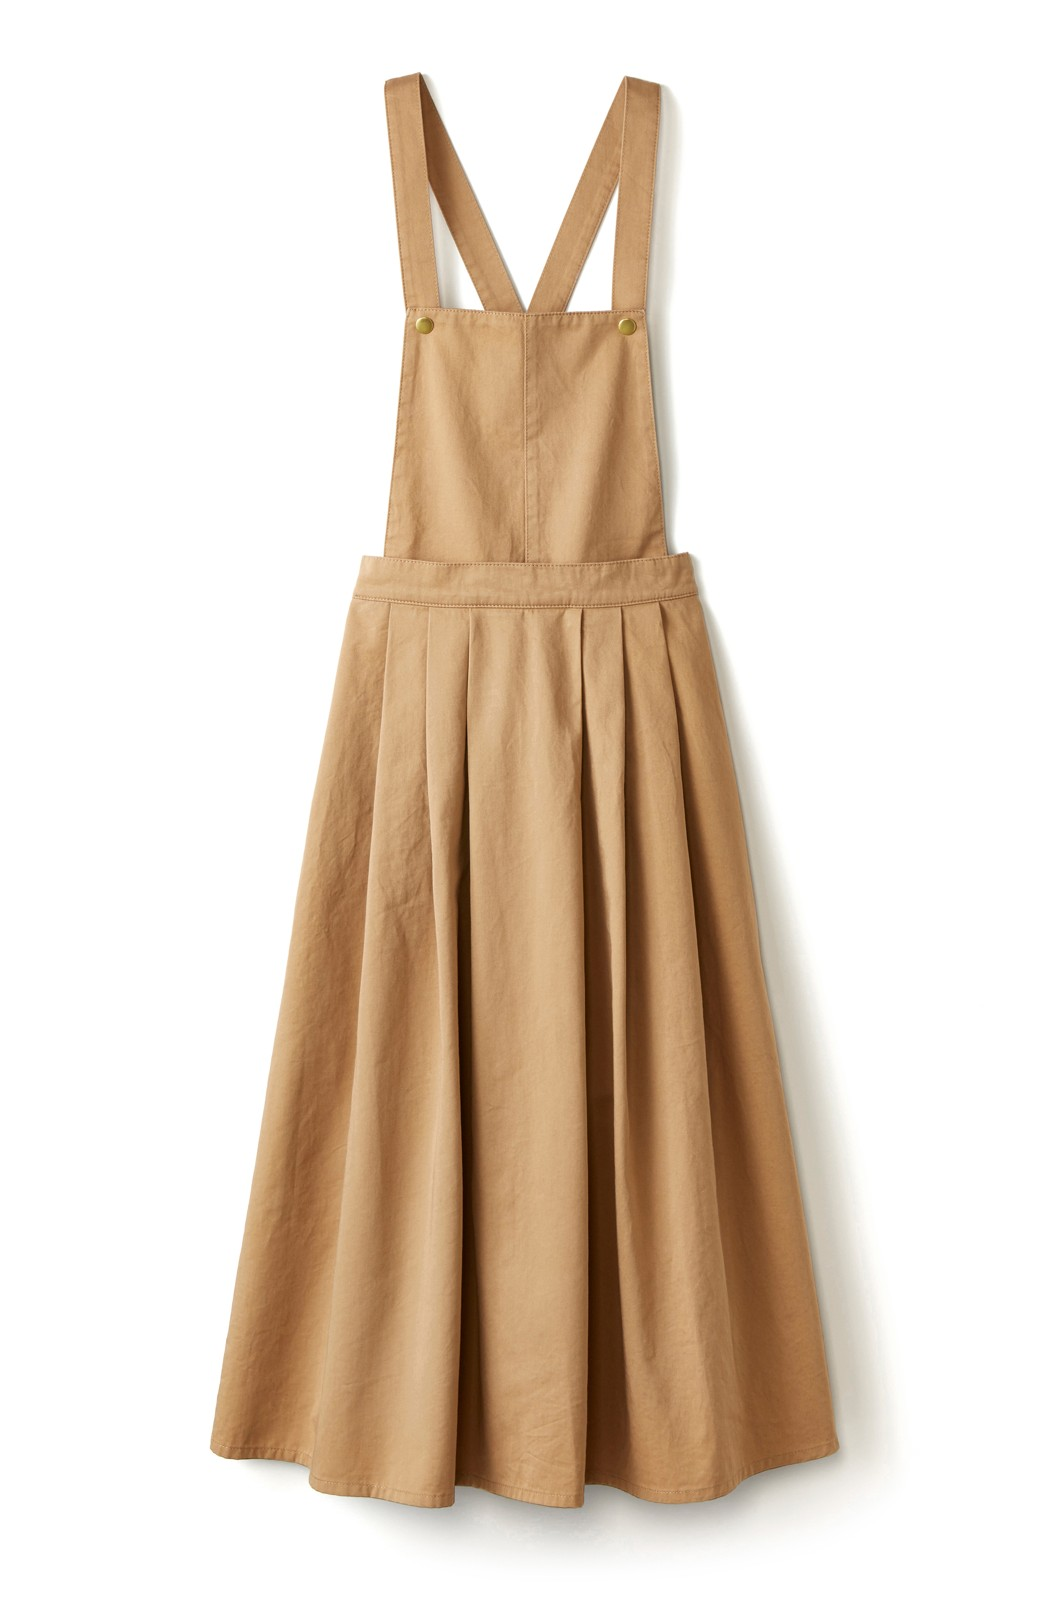 nusy 【mer7月号掲載】ふんわりスカートとしても使える2WAYサロペットスカート <ベージュ>の商品写真